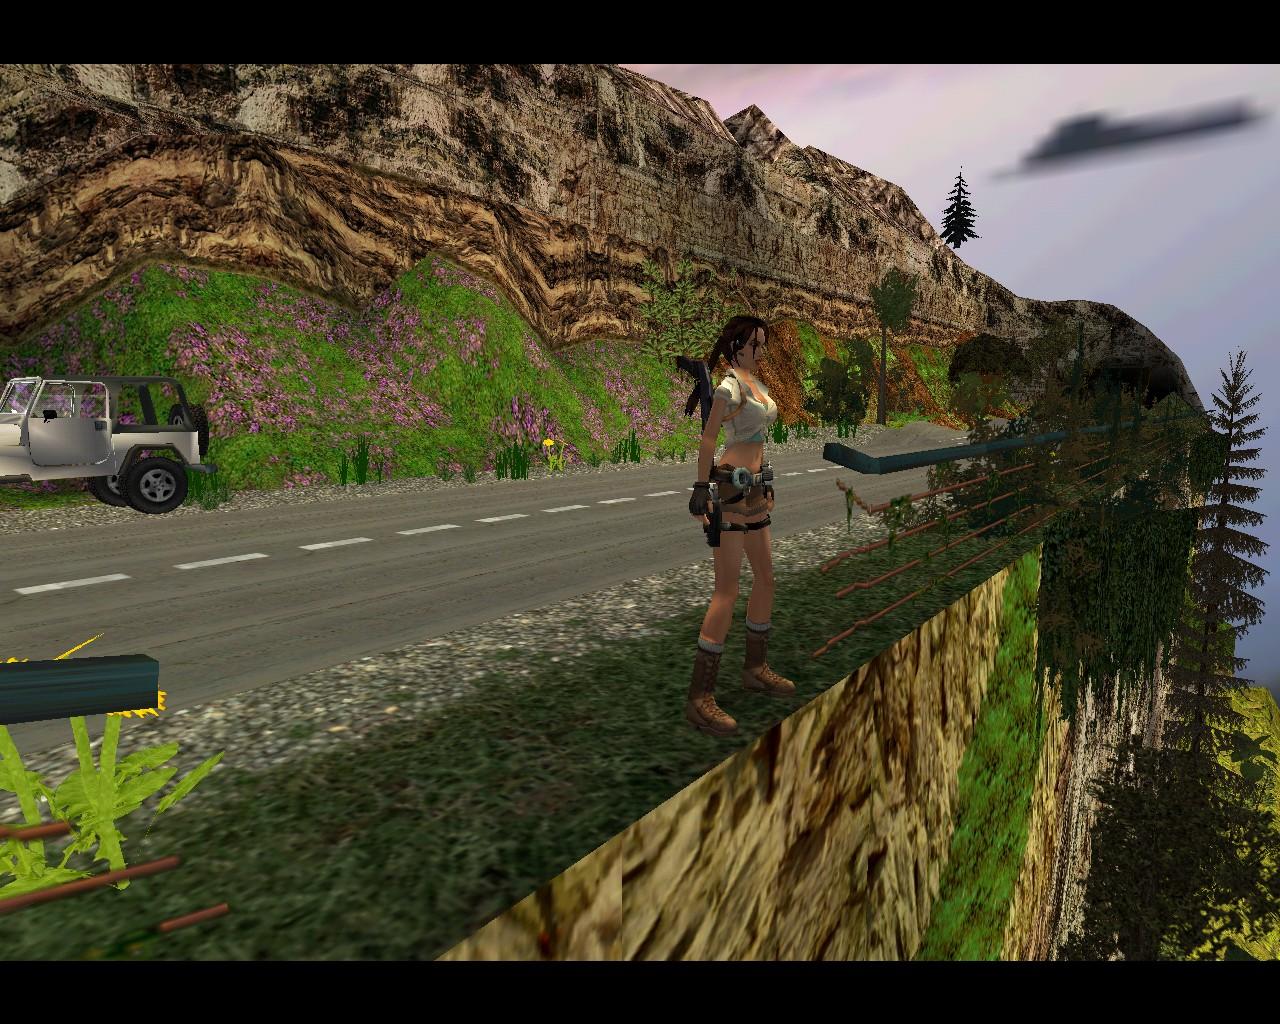 Интернет-сообщество почти 20 лет создает уровни для классической версии Tomb Raider - 2